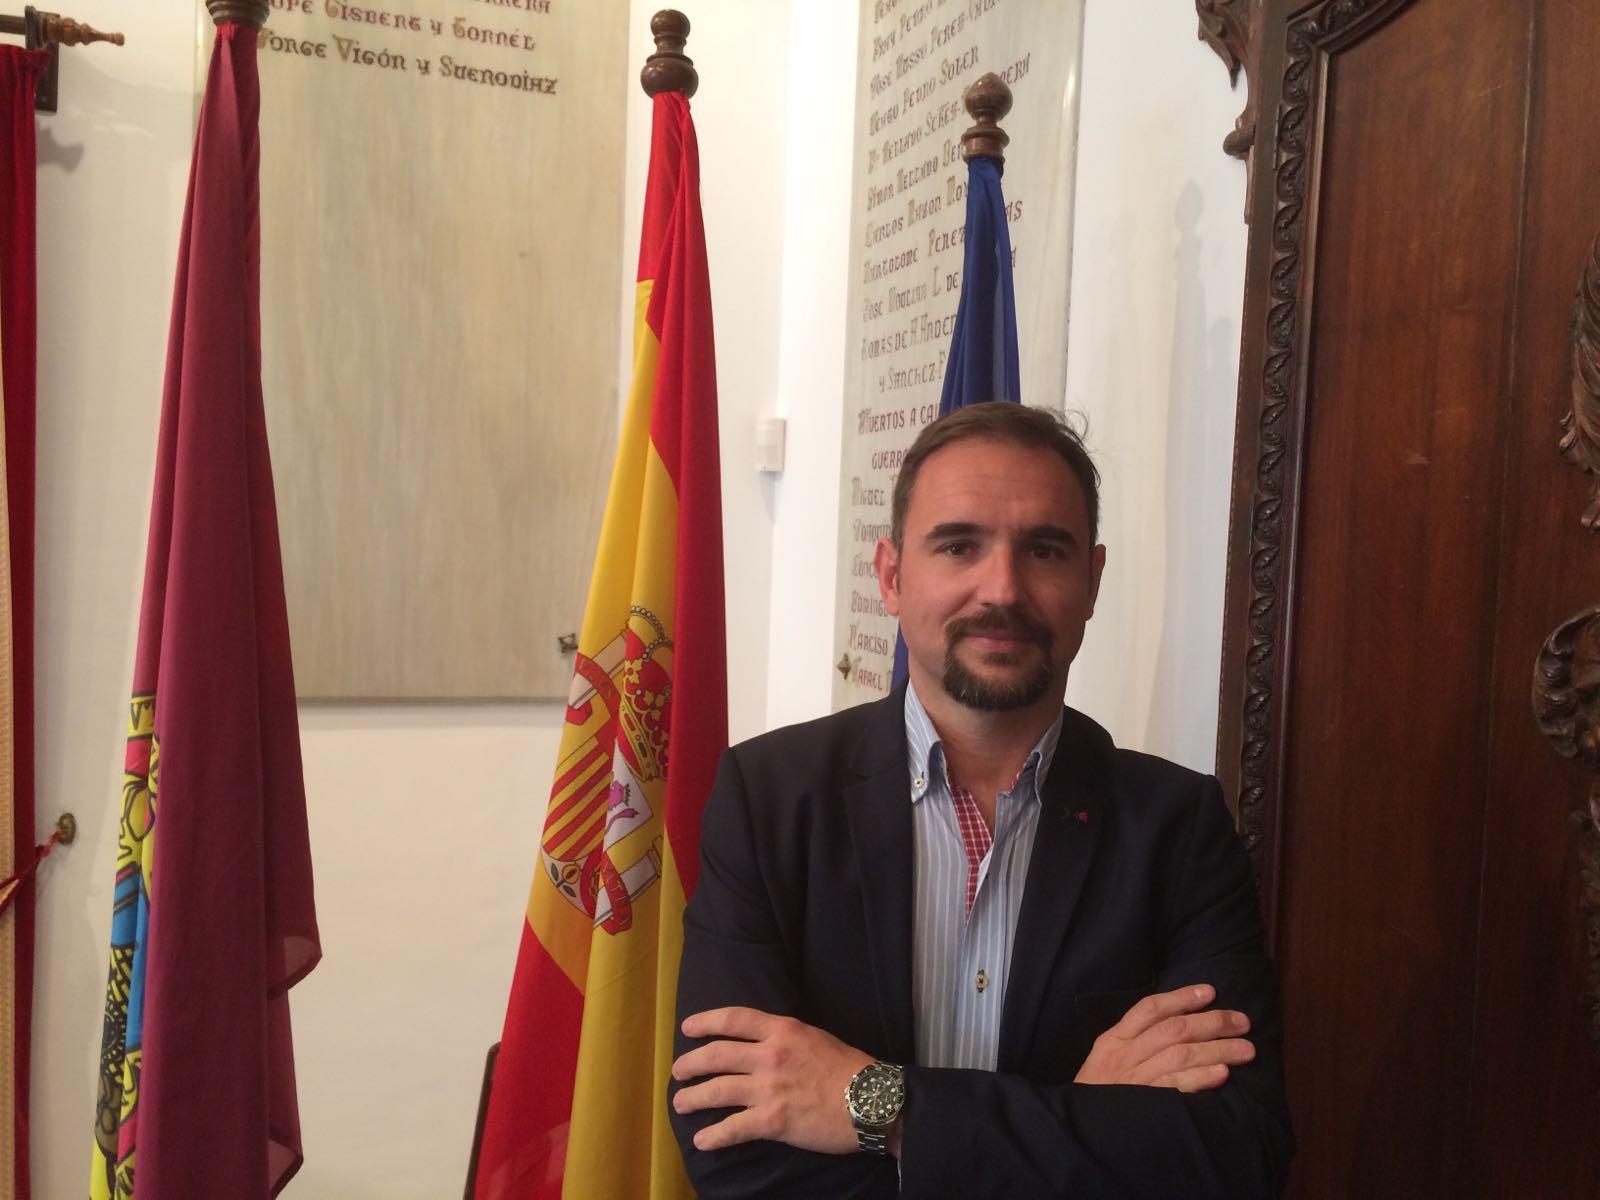 El PSOE celebra la instalación de toldos en Corredera y pide que las medidas de impulso de la actividad comercial sean extensivas al resto de áreas